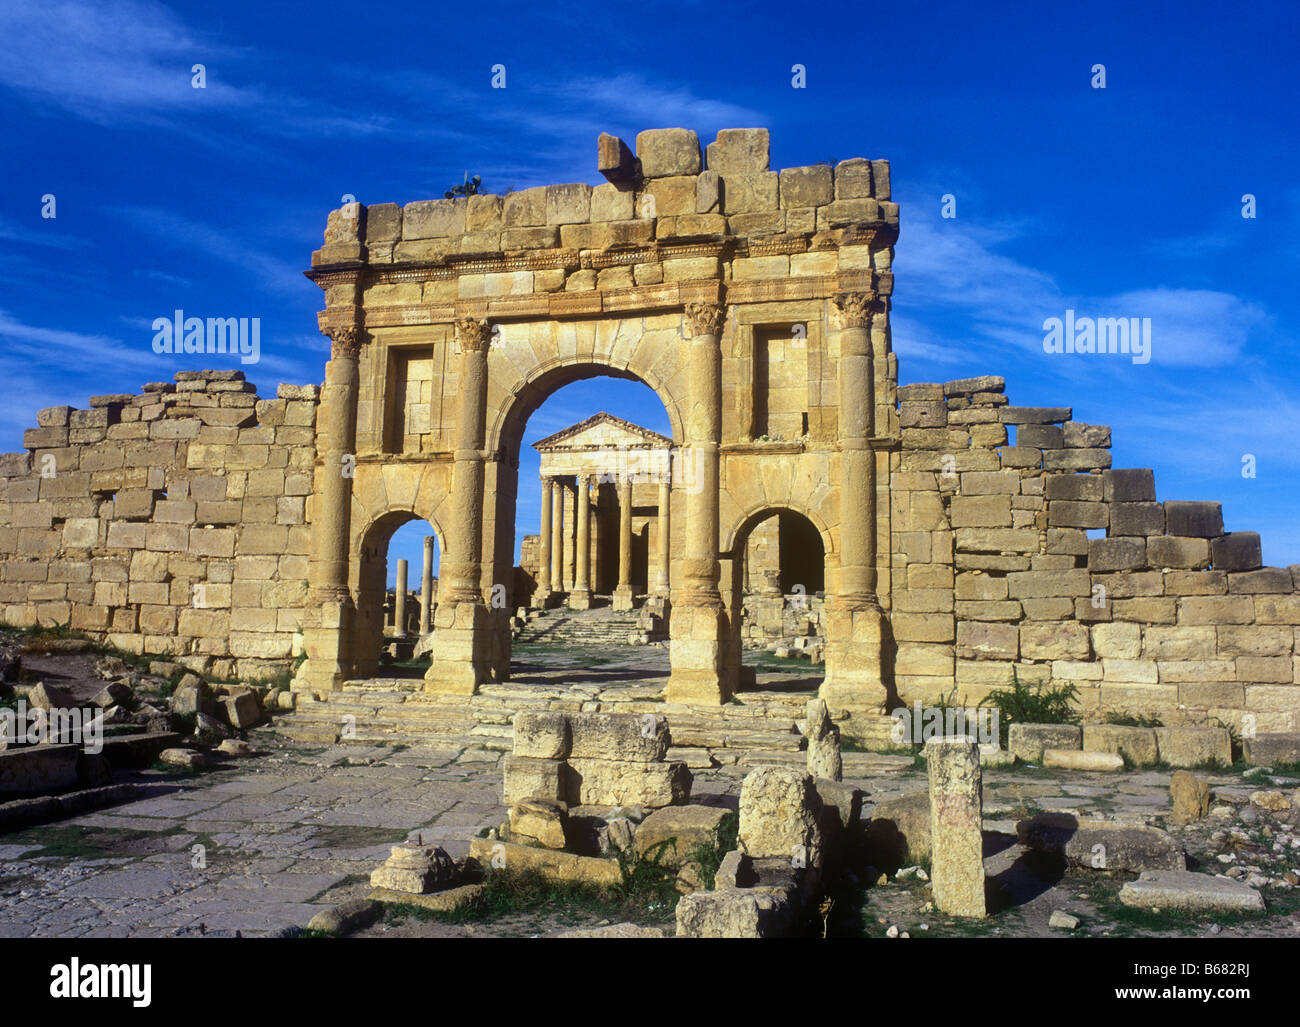 The ancient Roman ruins of Sbeitla (Sufetula) near the city of Kasserine Stock Photo